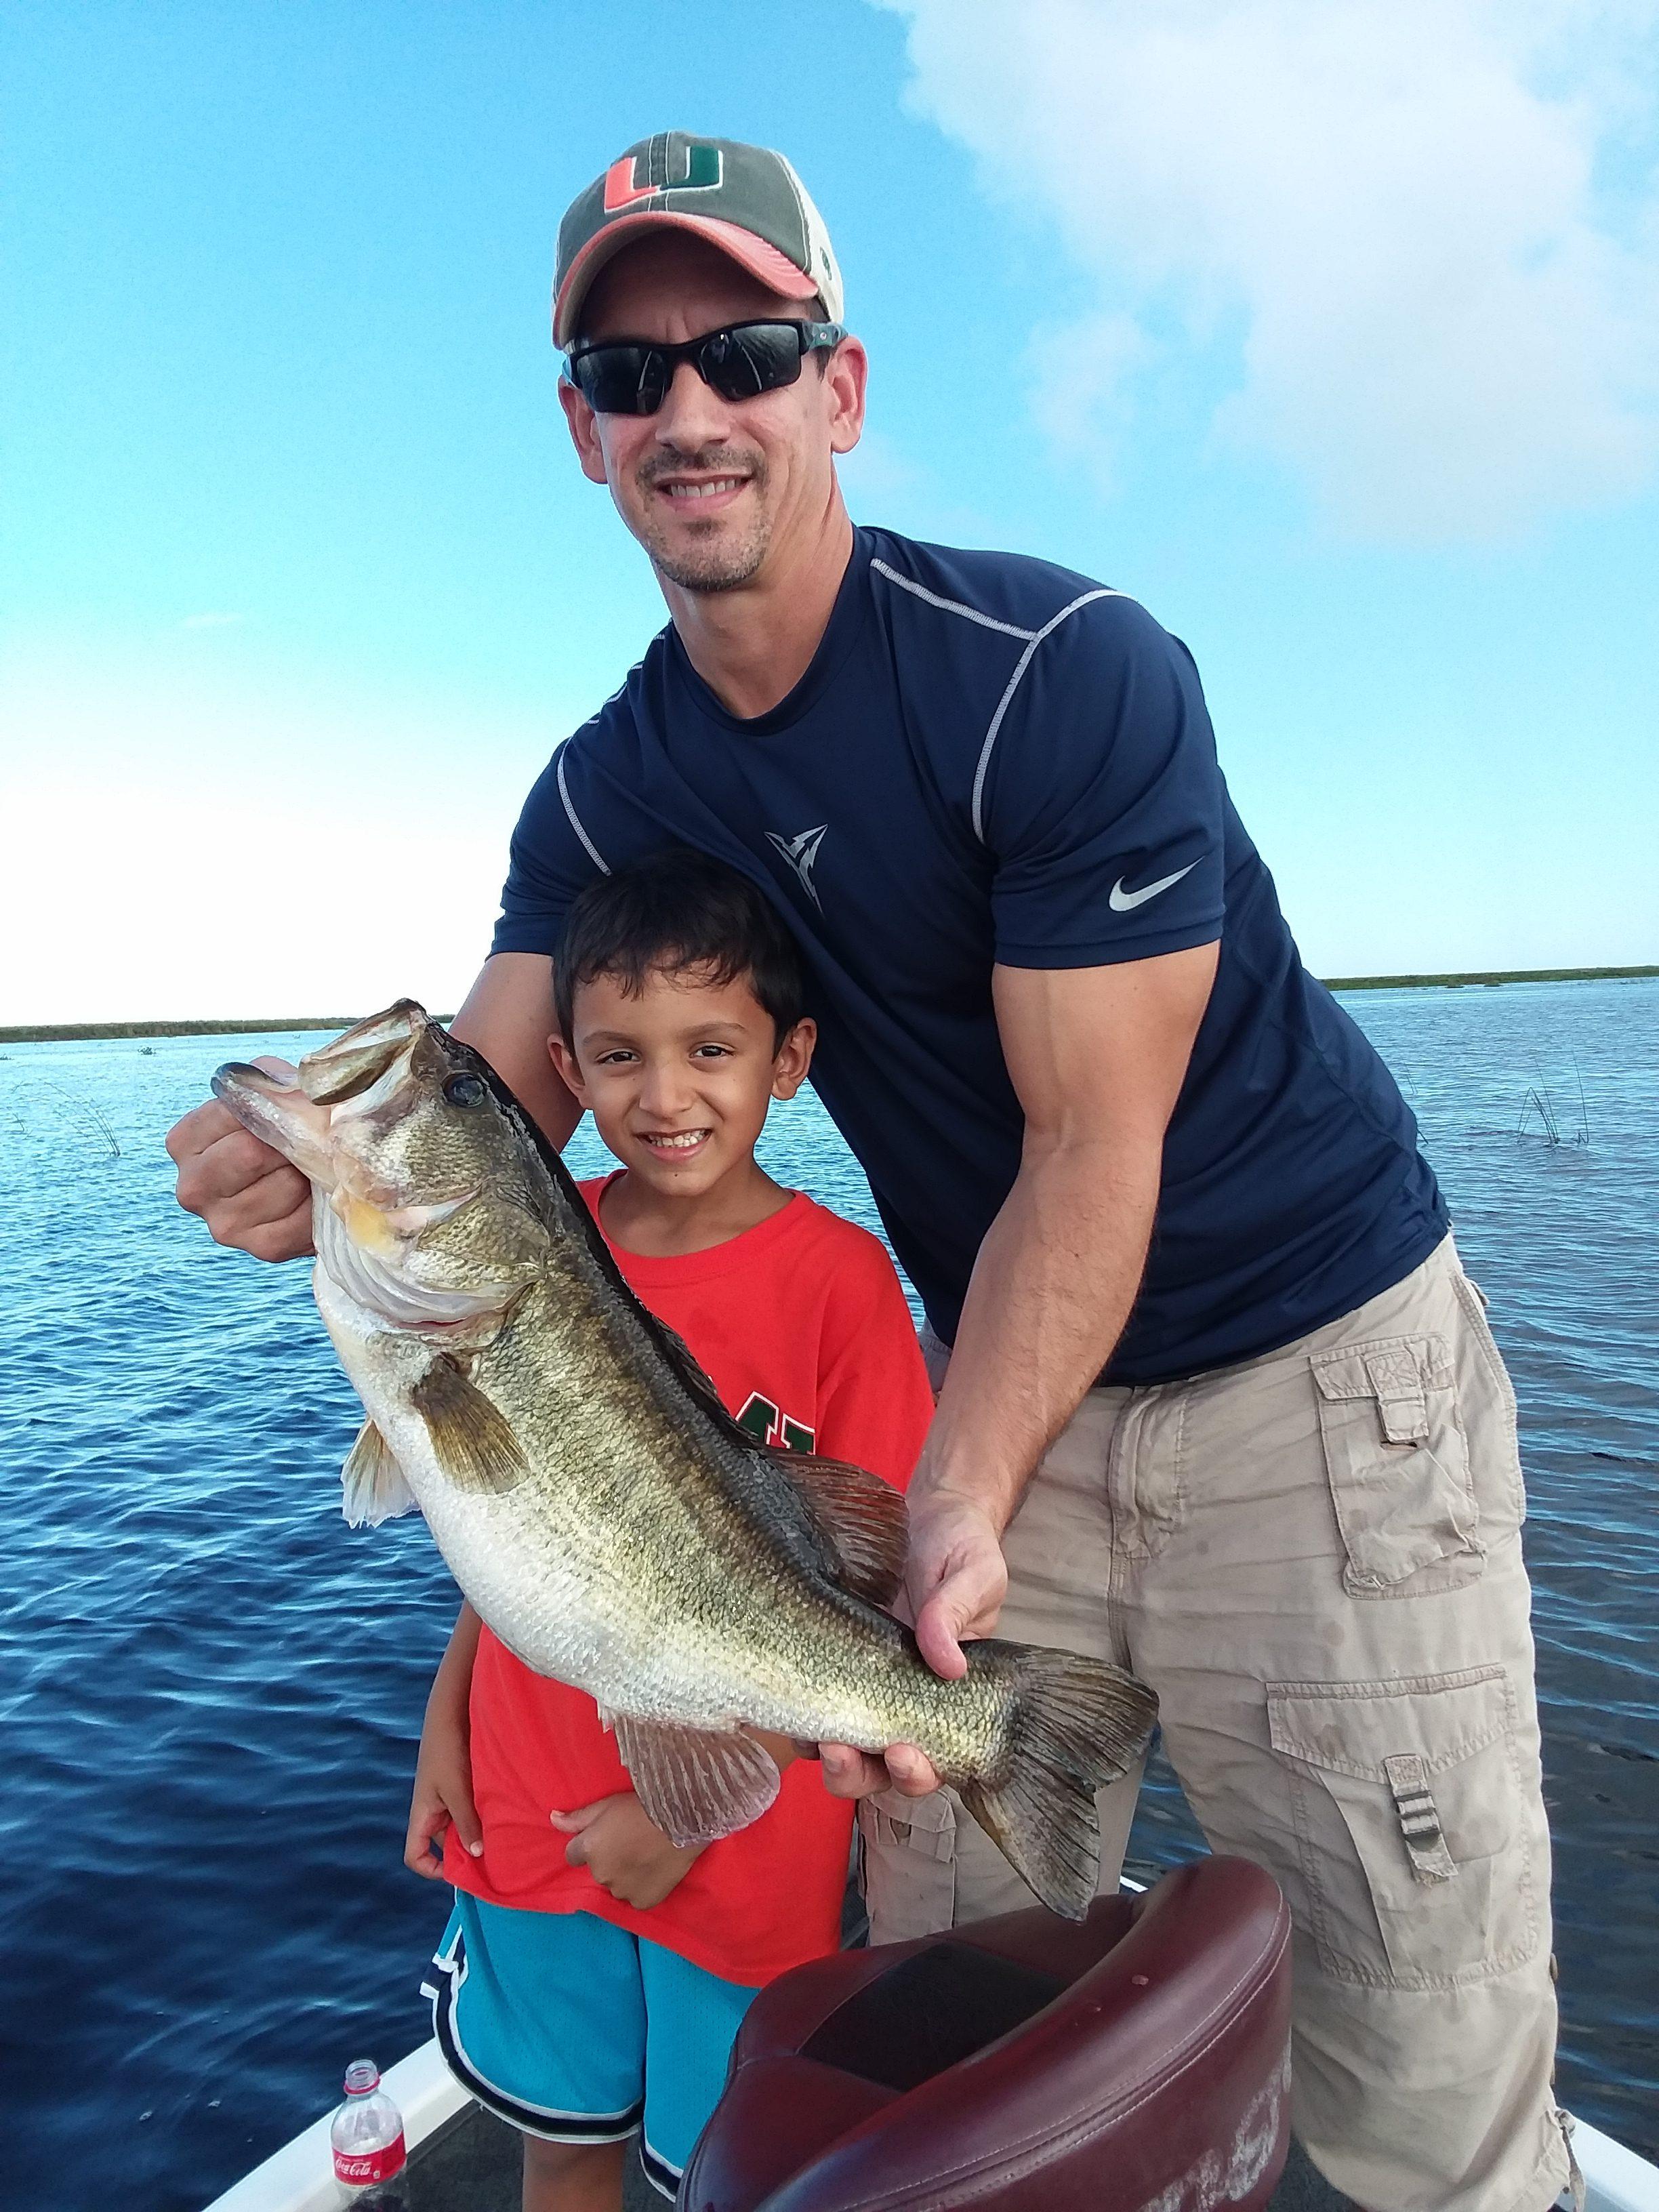 Okeechobee Fishing Guide-Okeechobee Fishing Report 9/7/18